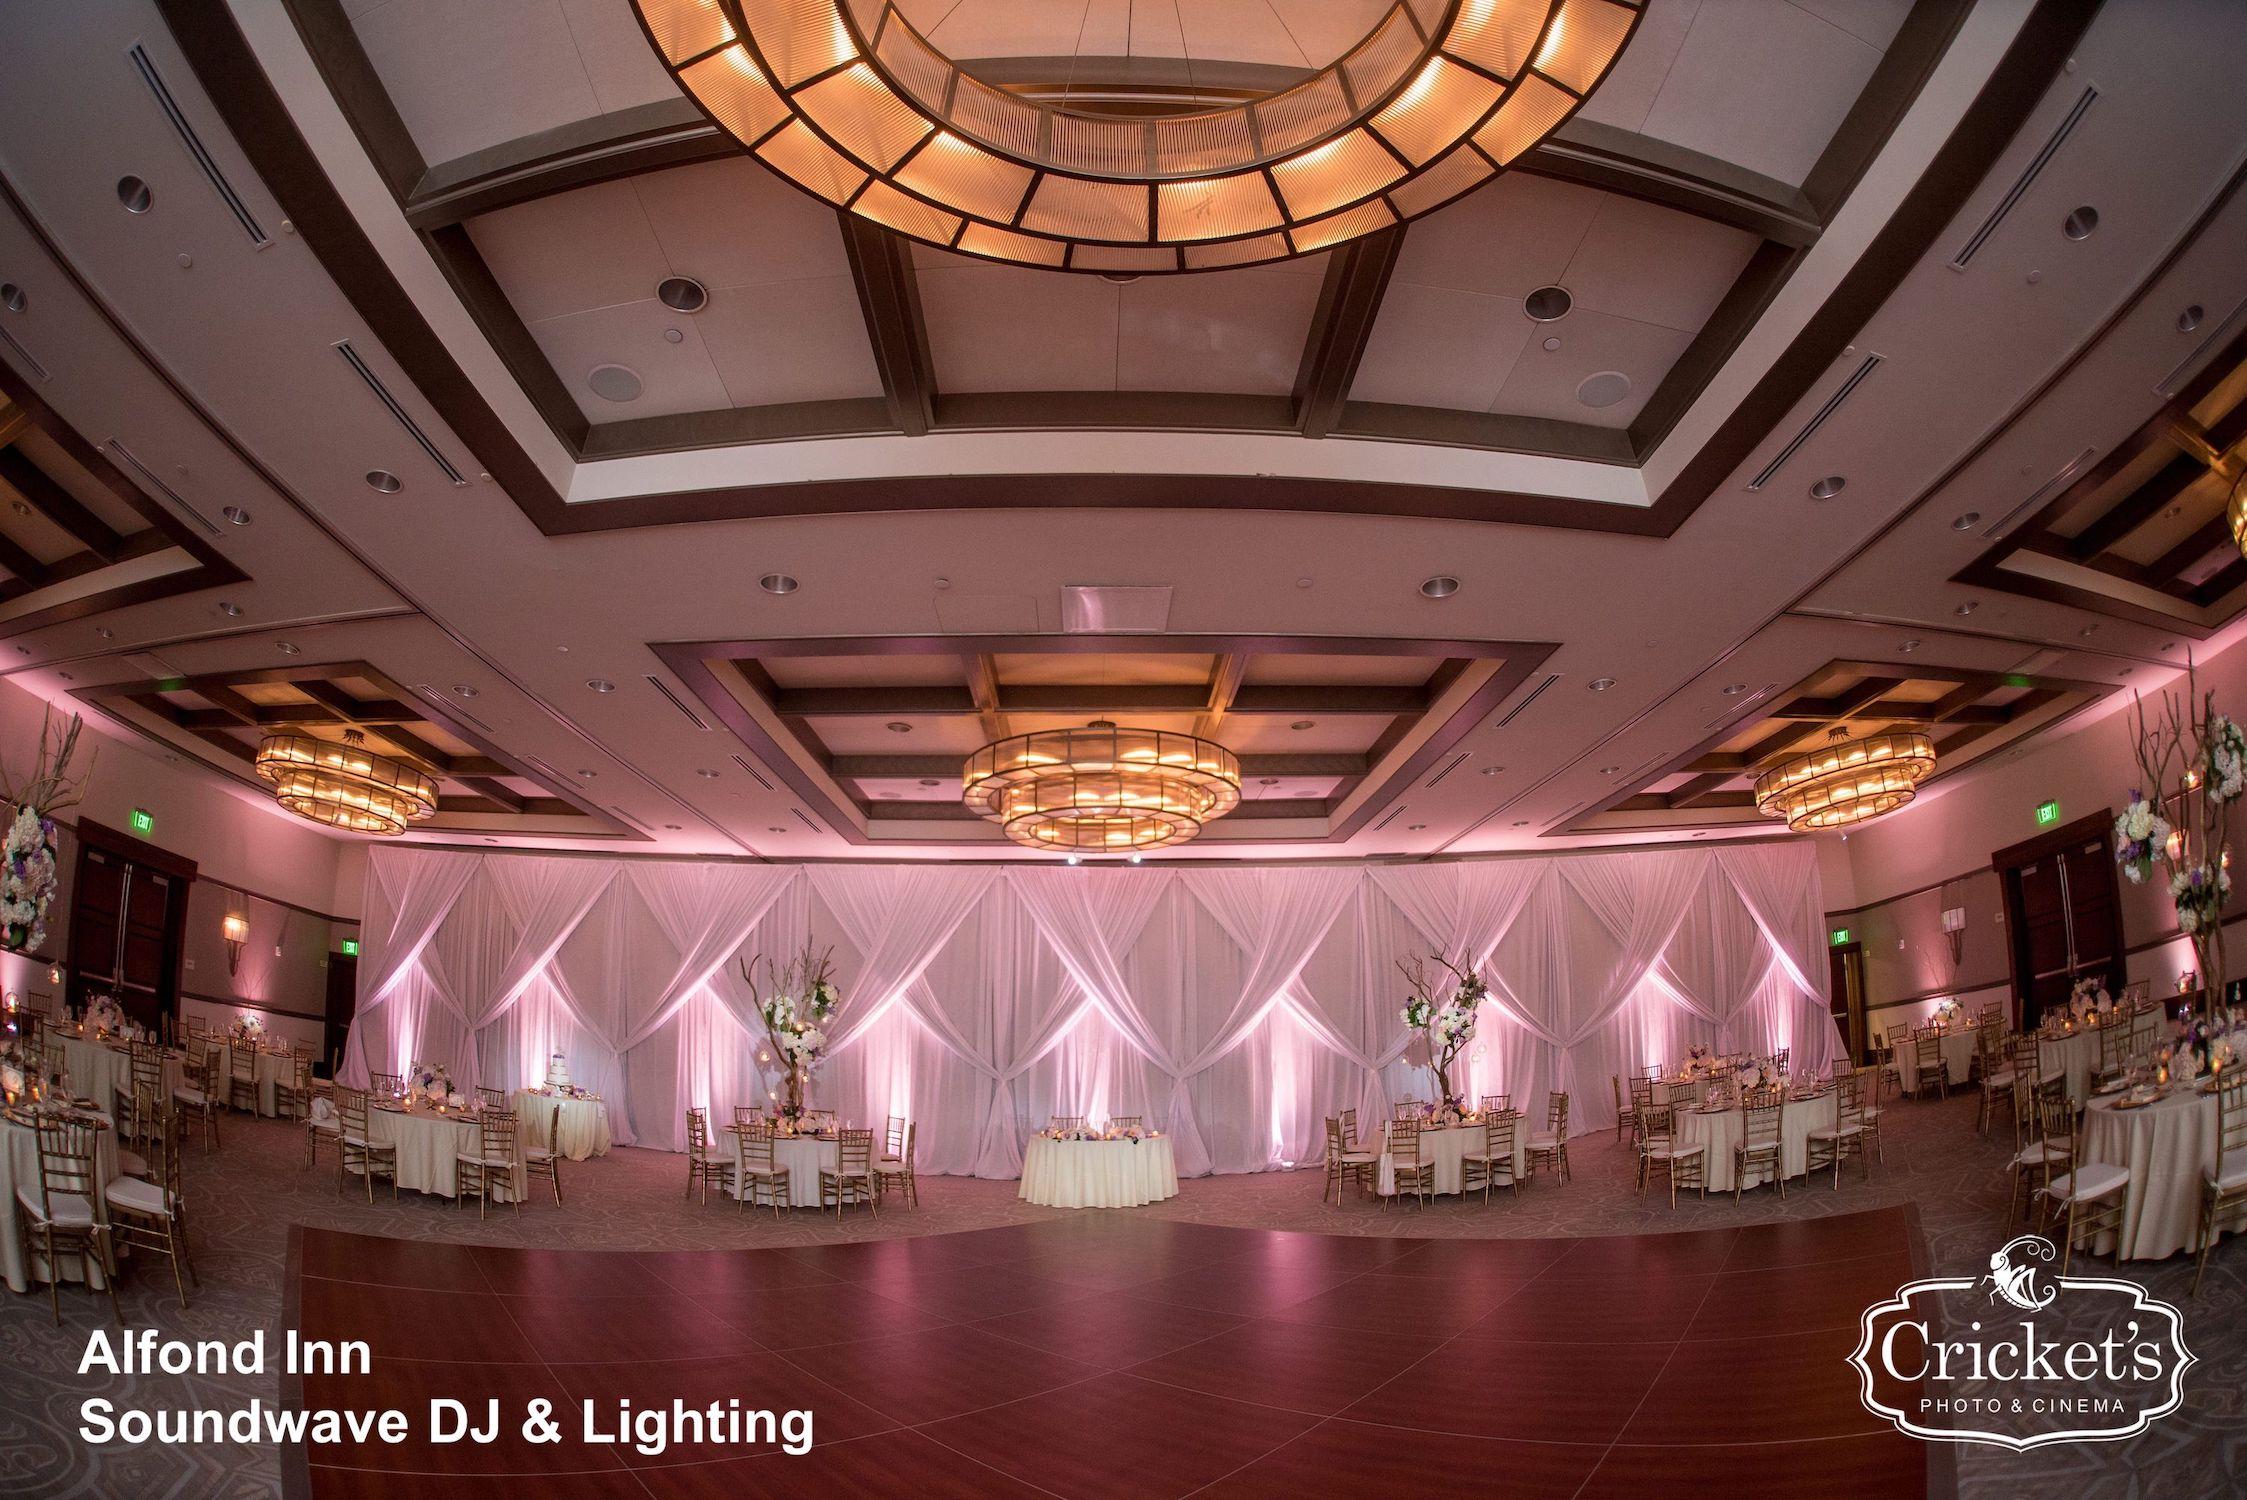 alfond inn - orlando wedding venue - orlando wedding dj - orlando wedding lighting - orlando djs - soundwave dj - soundwave entertainment